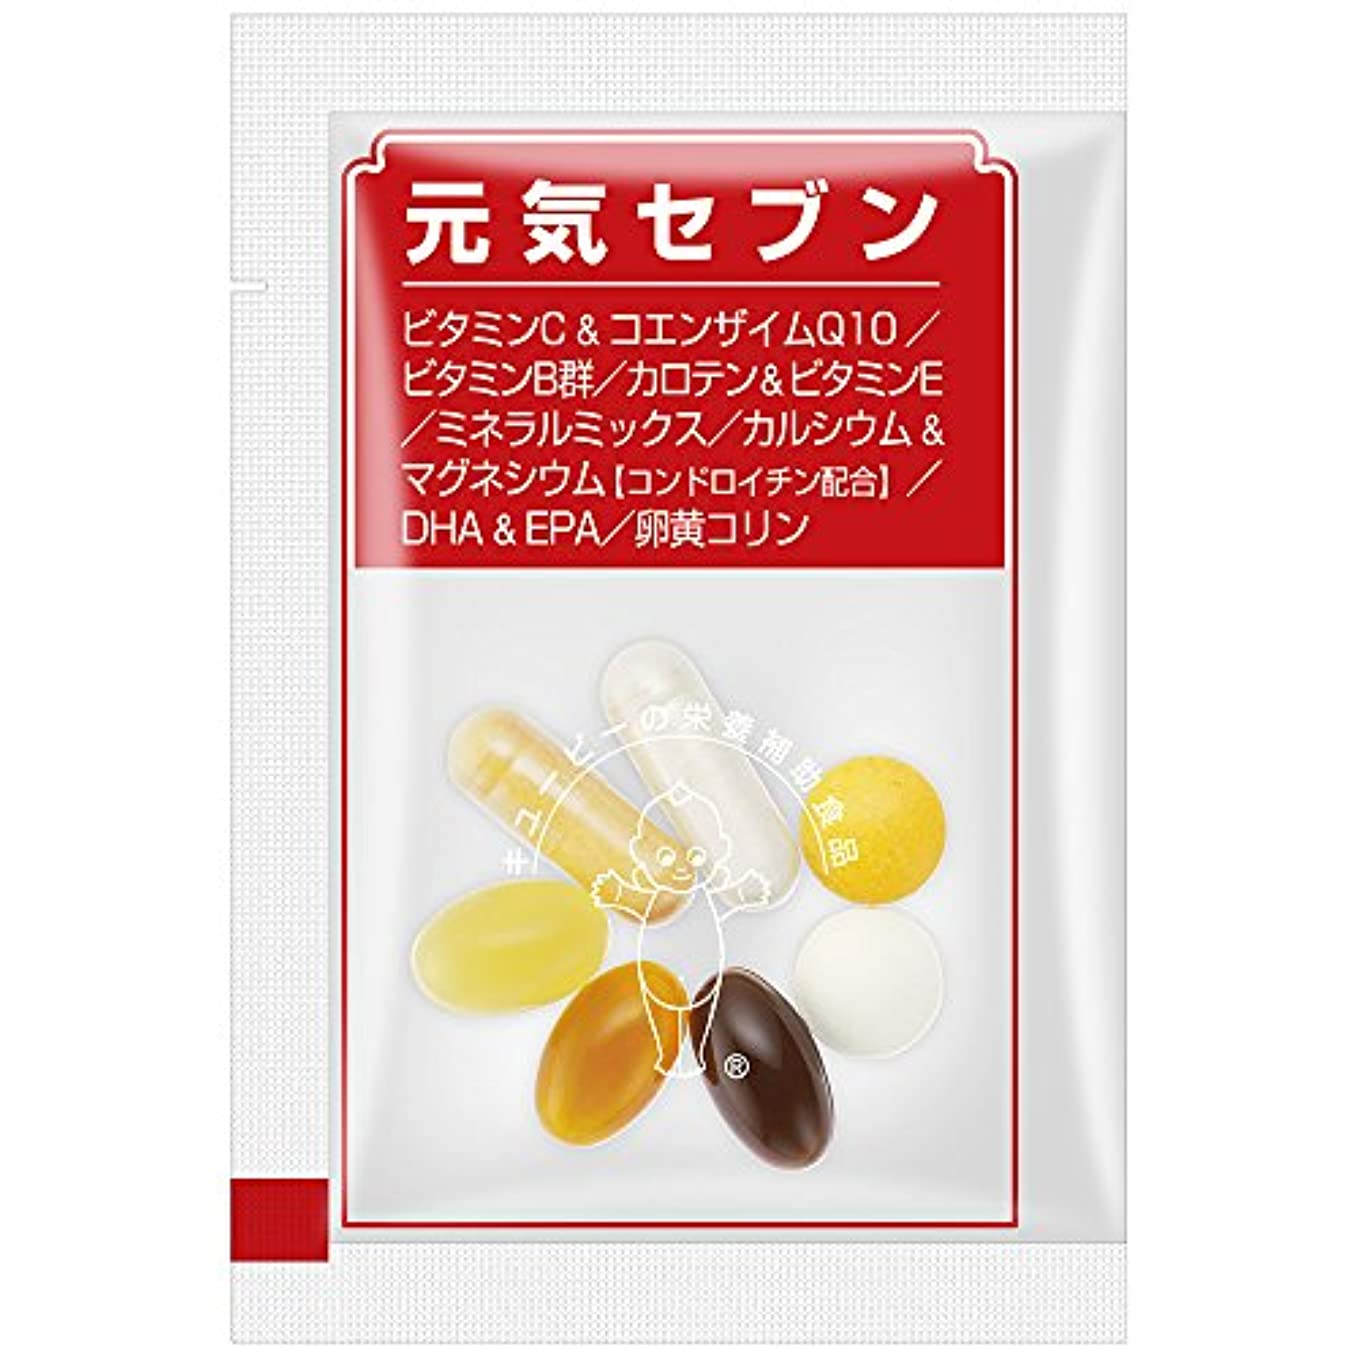 独占応じる薬キユーピー 元気セブン 30日分 マルチビタミン マルチミネラル DHA EPA コエンザイム 配合